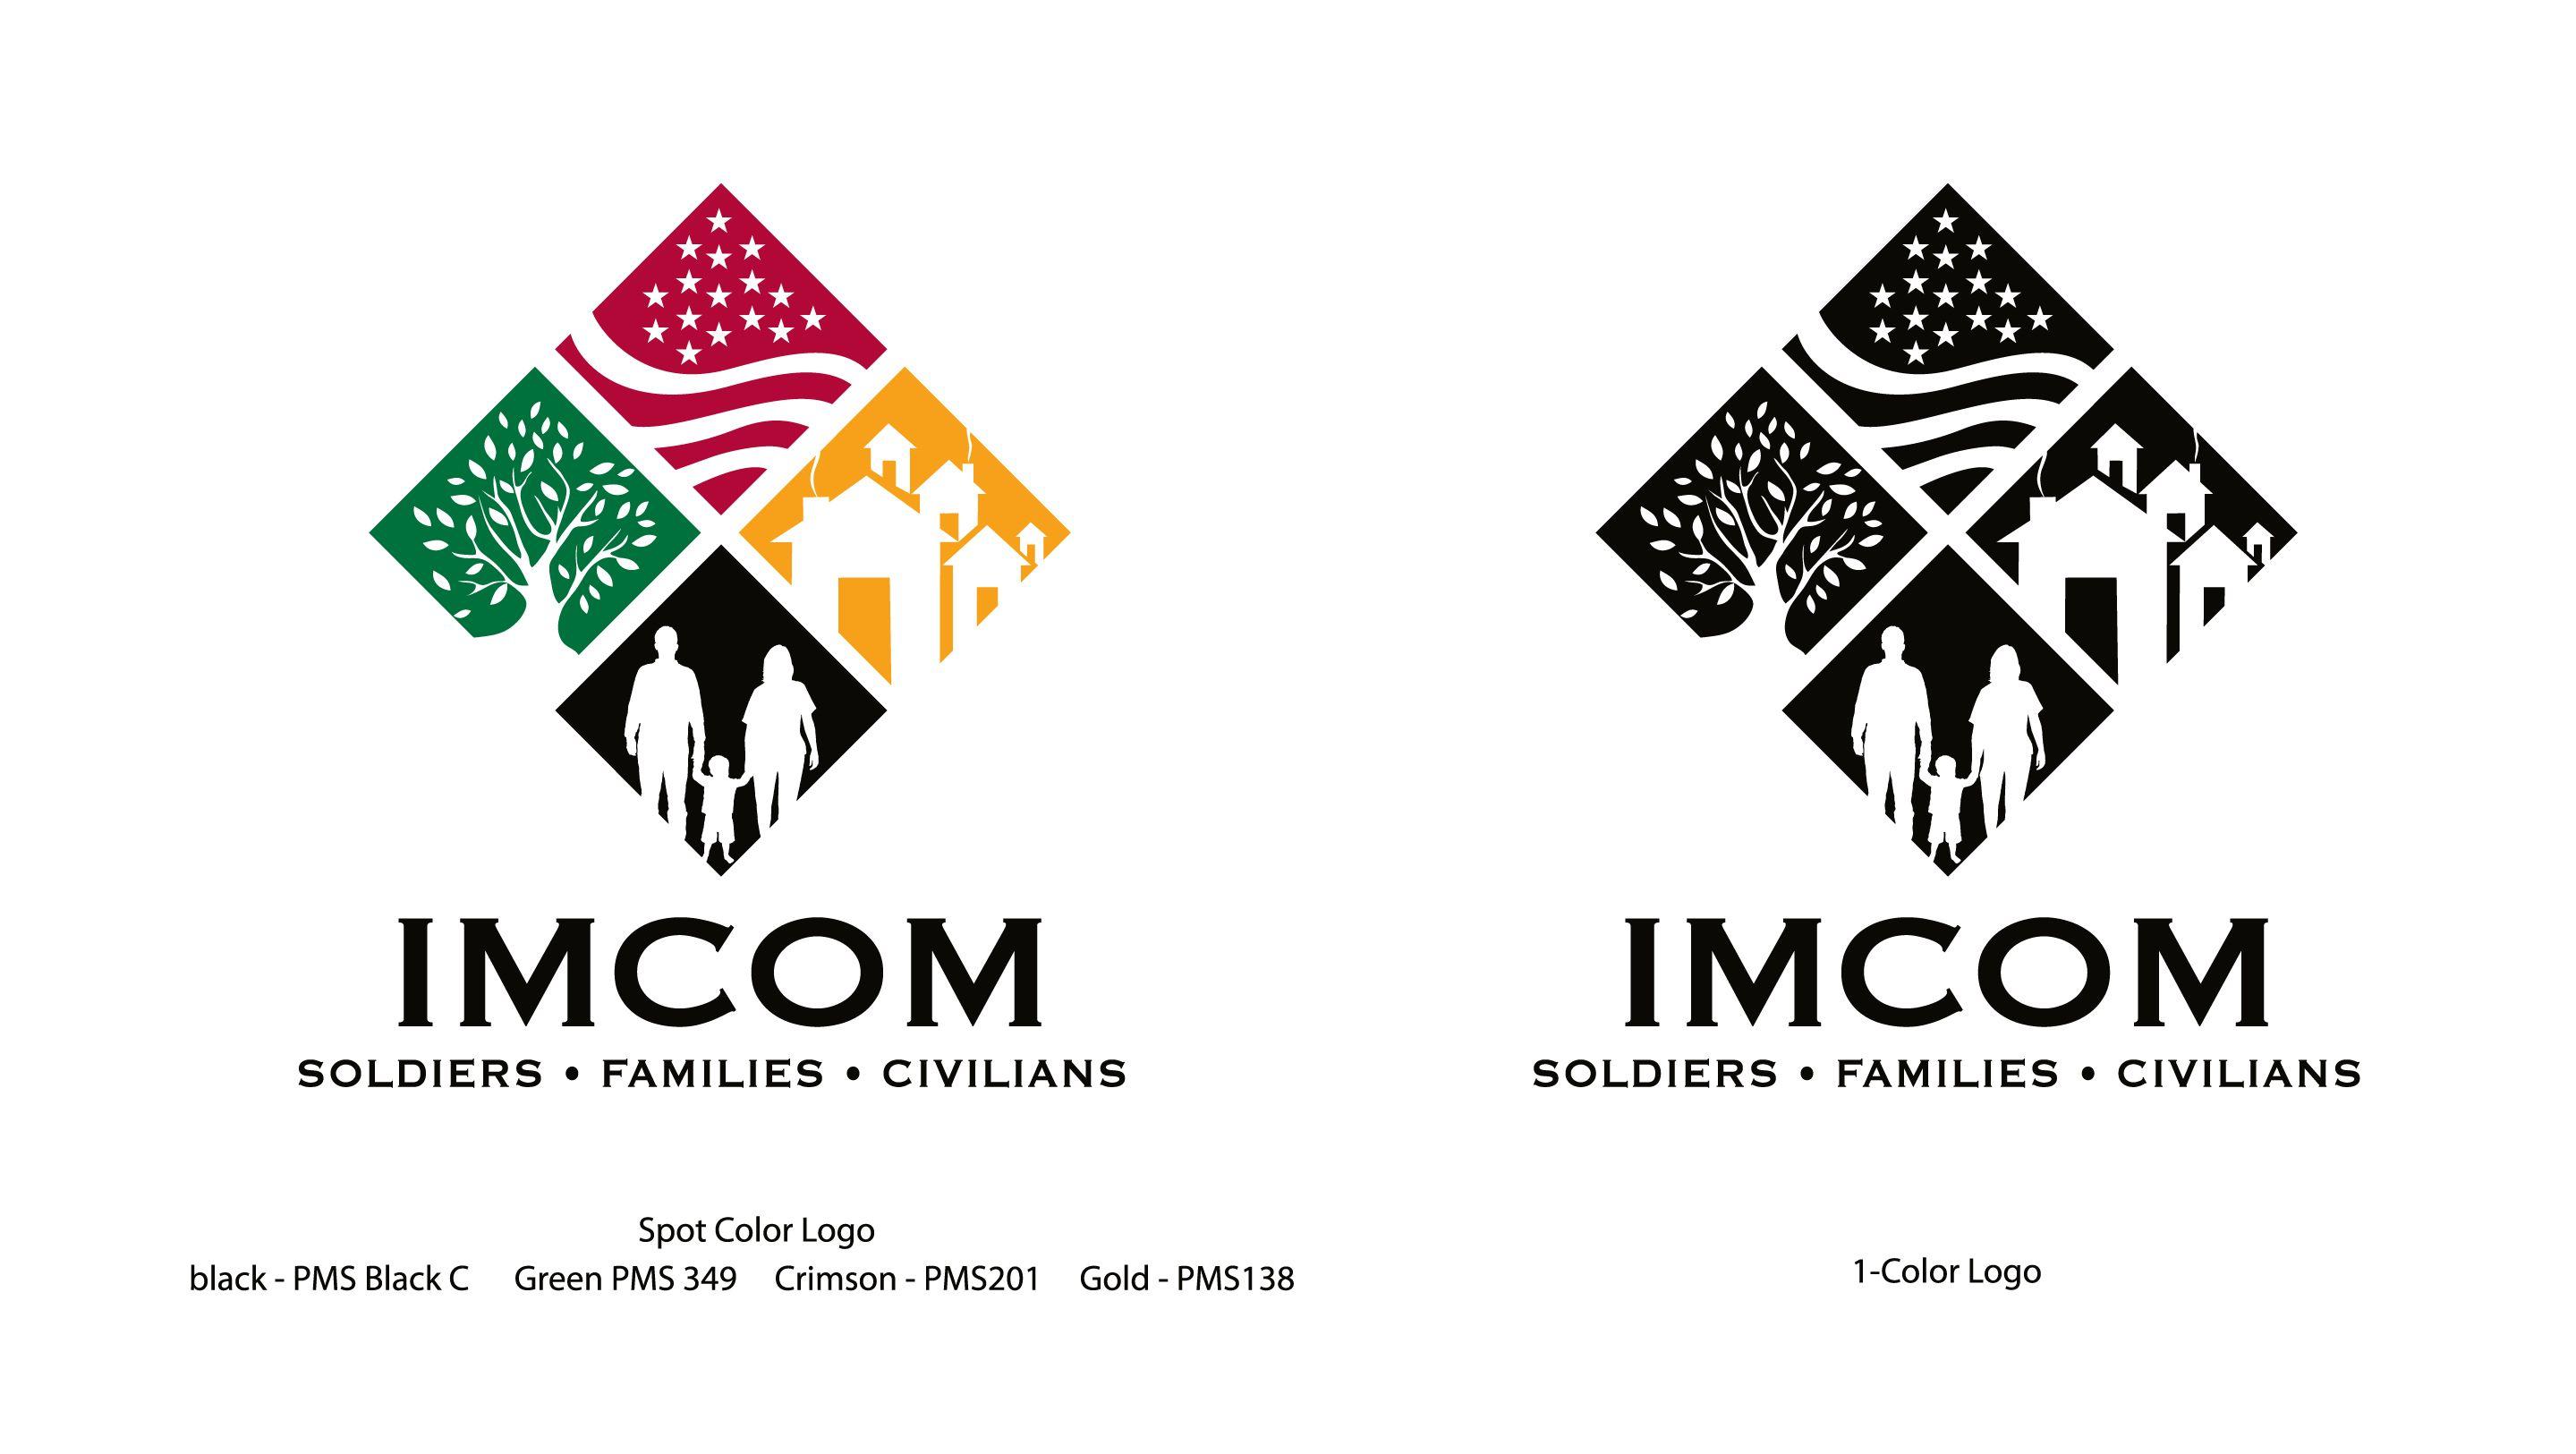 installation management command logo imcom pinterest rh pinterest com imcom pacific logo Army IMCOM Logo